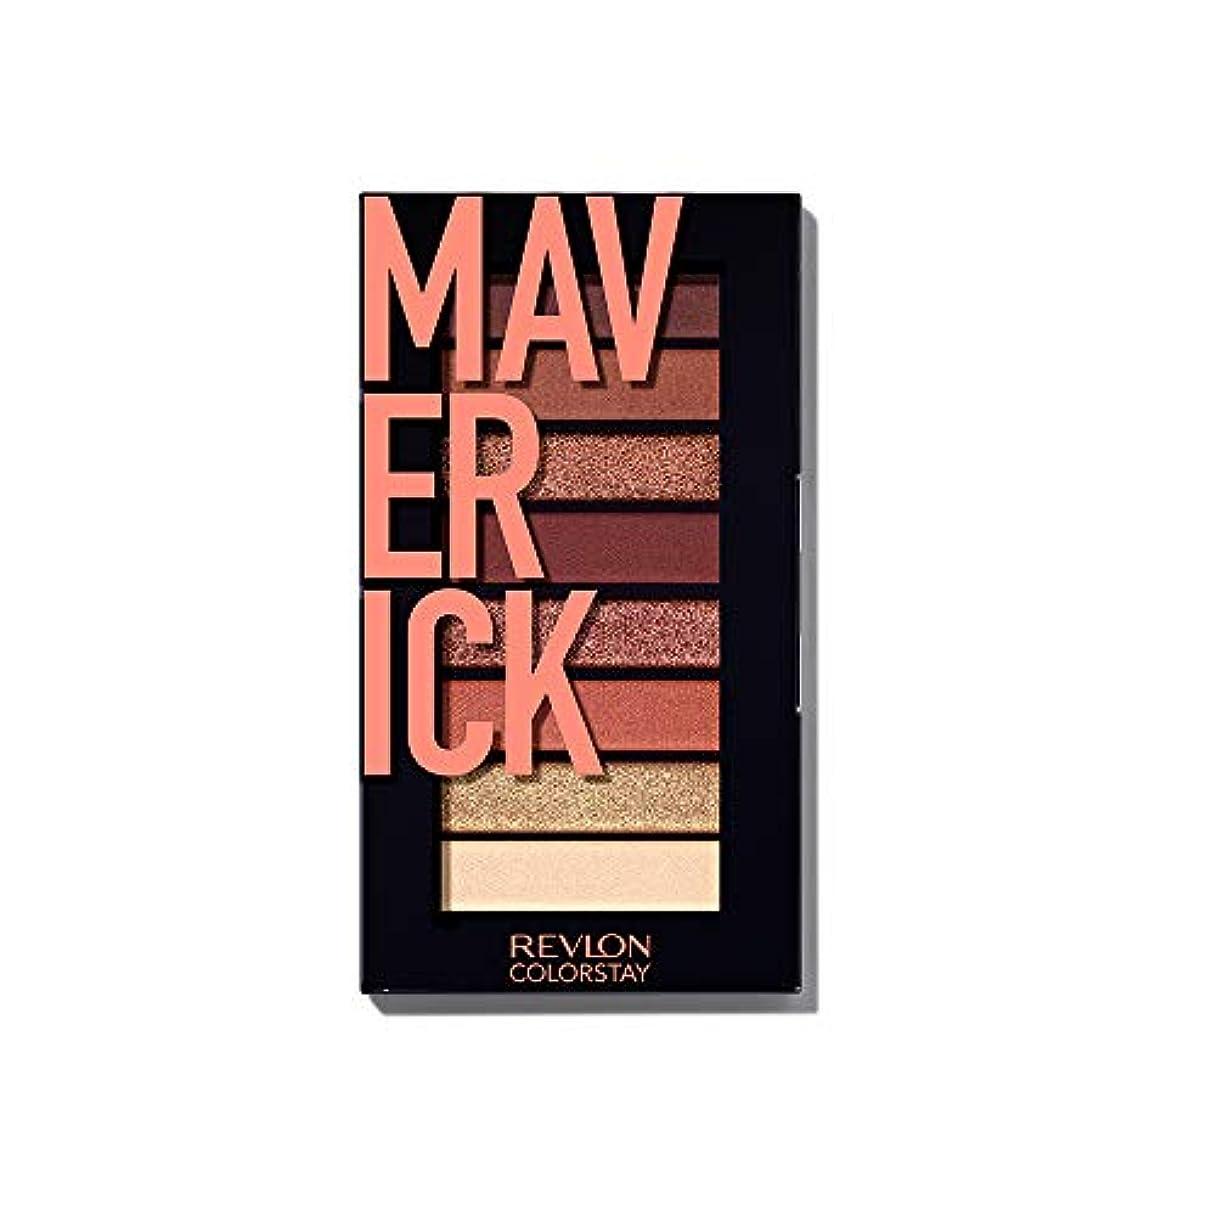 聞きます剛性写真を撮るレブロン カラーステイ ルックス ブック パレット 930 マーベリック(カラーイメージ:オレンジブラウン系) アイシャドウ 930マーベリック 3.4g